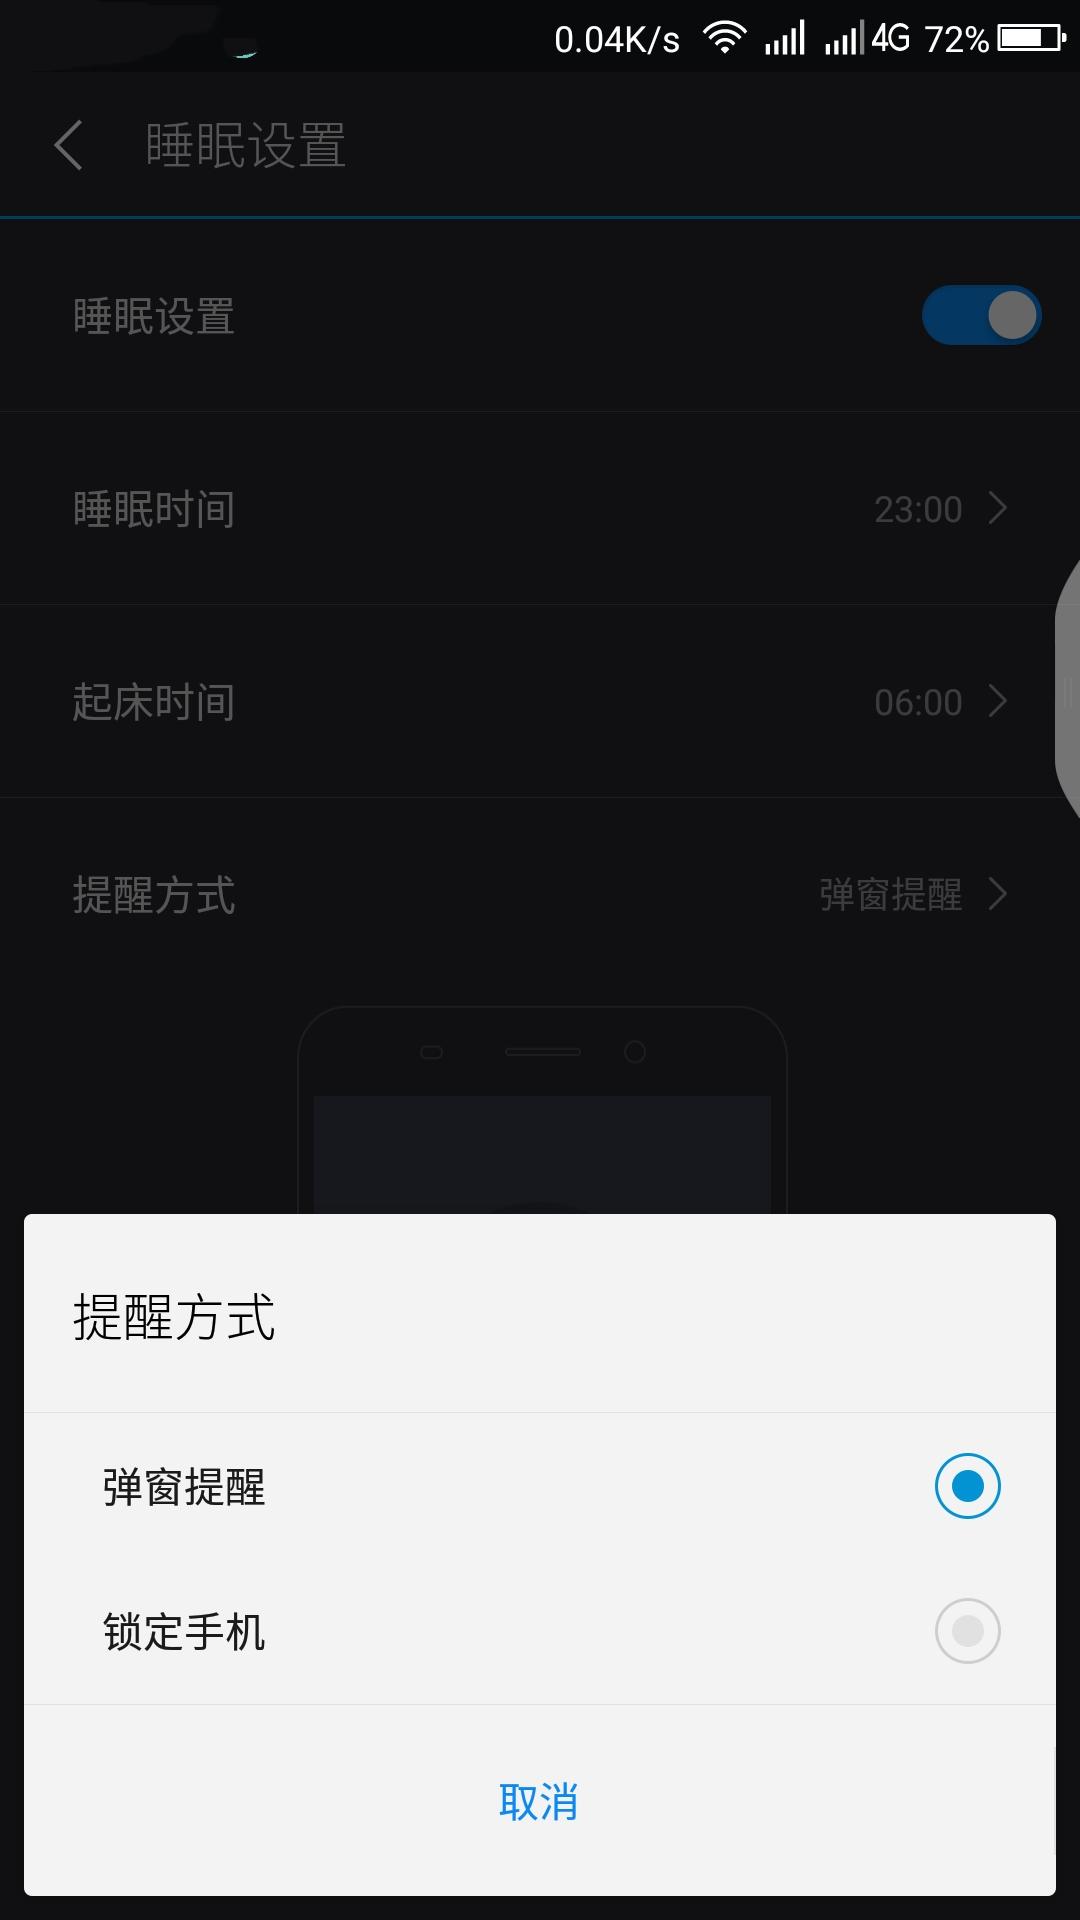 Screenshot_2017-07-07-11-11-31_mh1499398493573.jpg